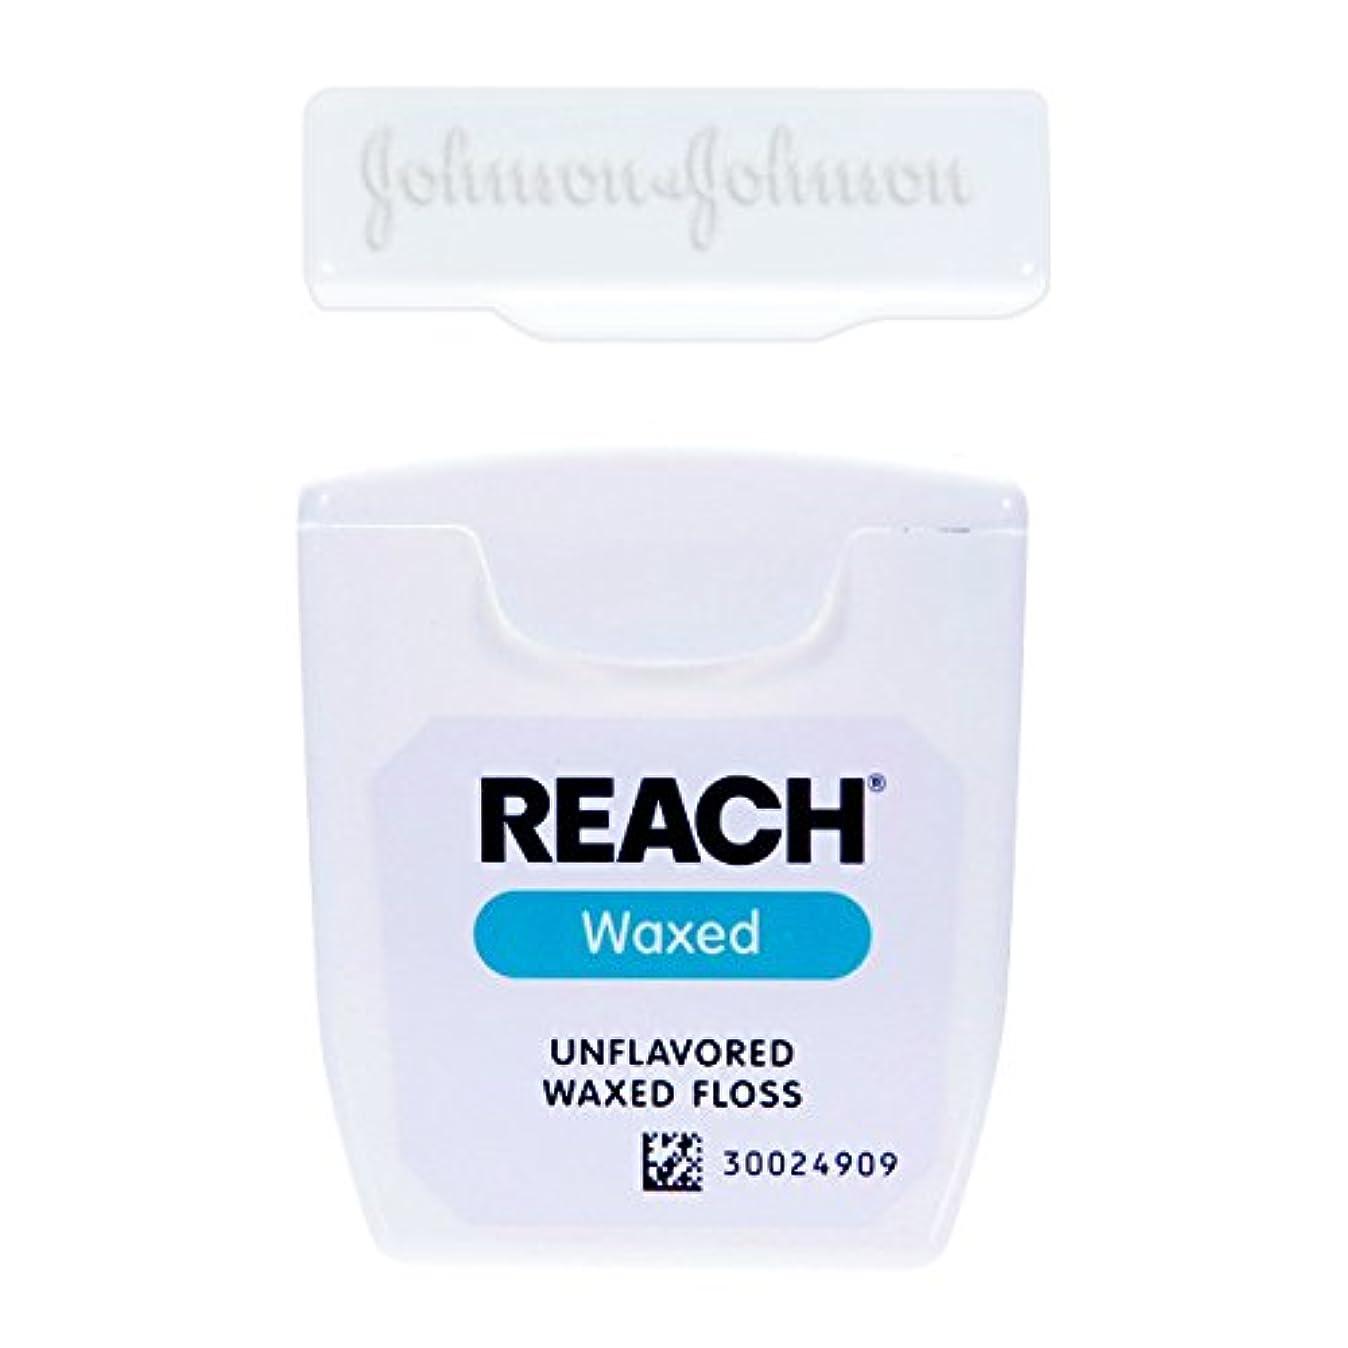 個人シンプトンインスタンス輸入品 J&J REACH デンタル フロス 55ヤード 50.2m (ワックス?ノンフレーバー)